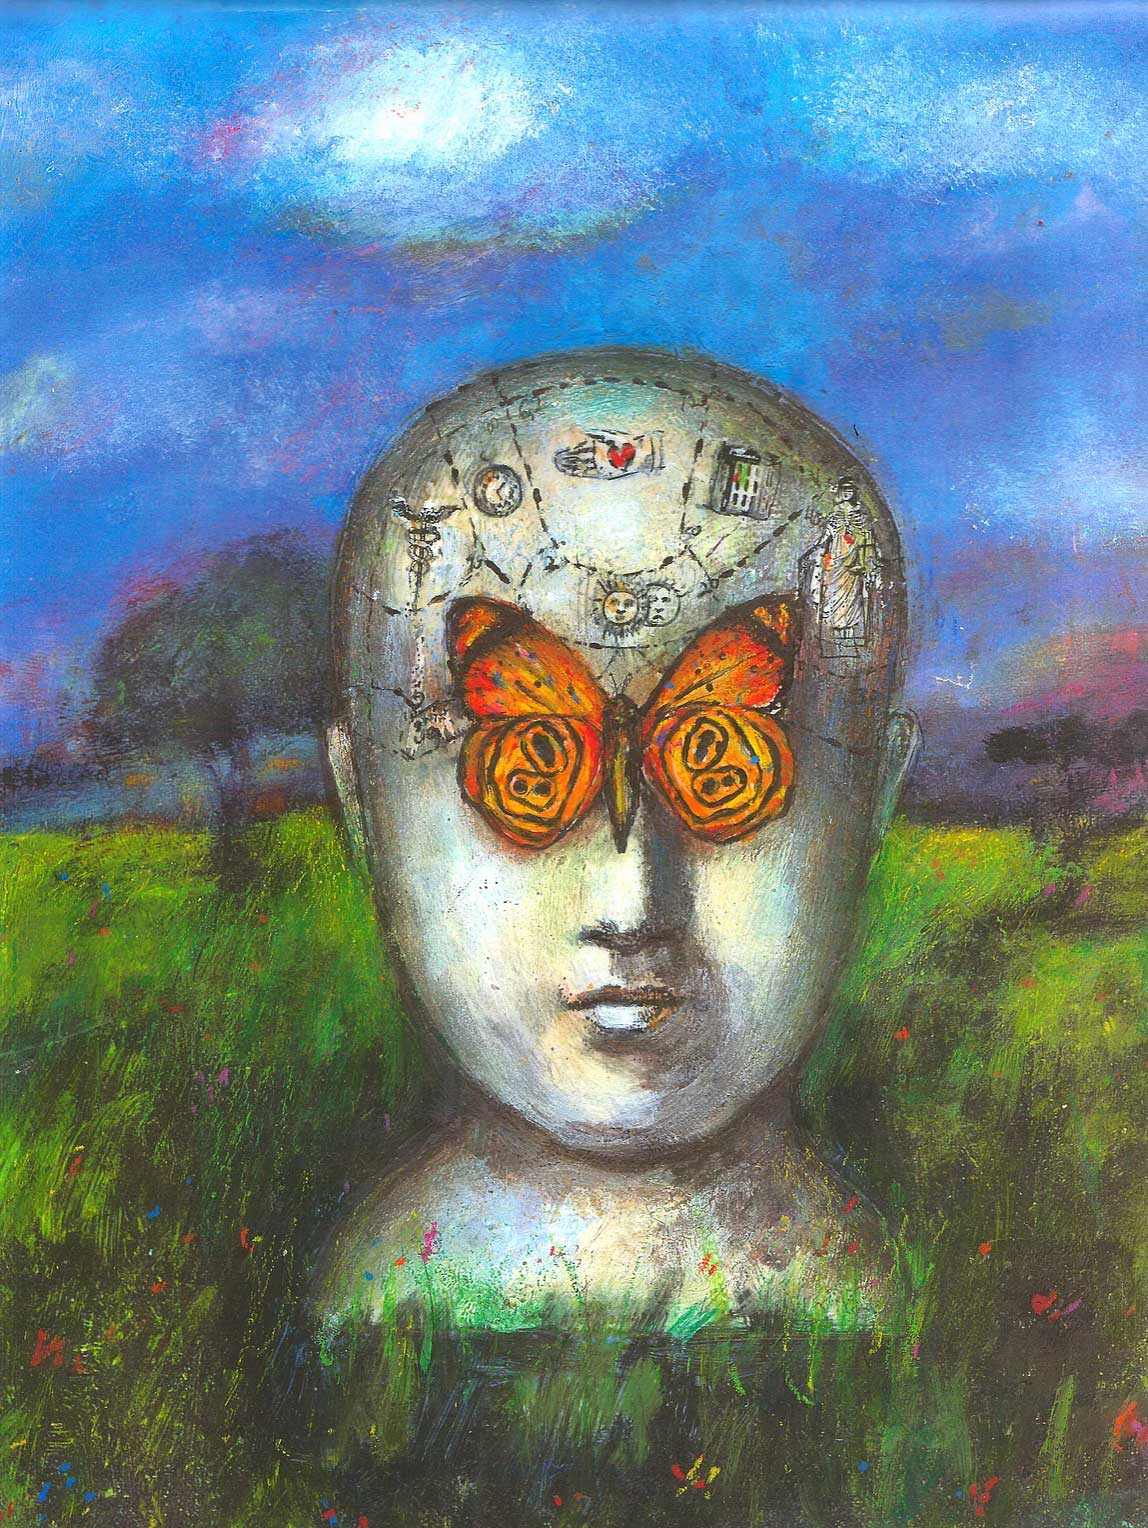 Michelle Barnes / A Beautiful Mind / Psychology Magazine